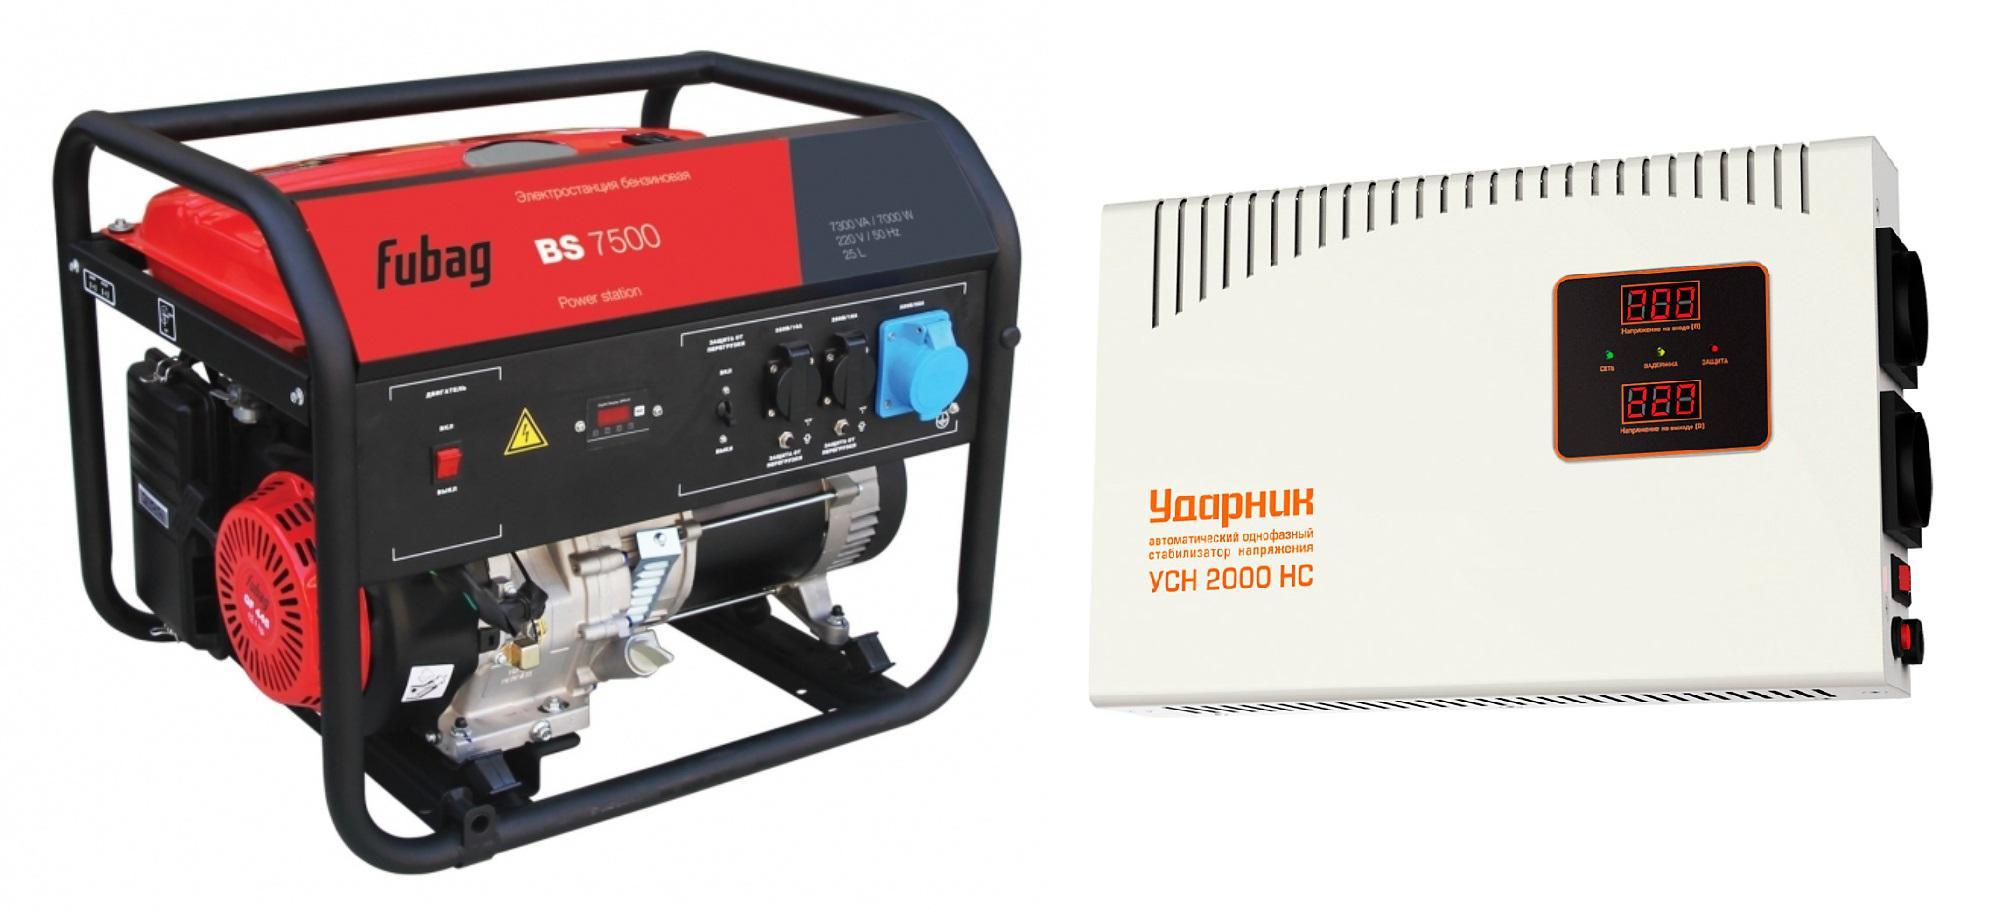 Набор Fubag Бензиновый генератор bs 7500 +Стабилизатор напряжения УСН 2000 НС бензиновый генератор fubag ti 1000